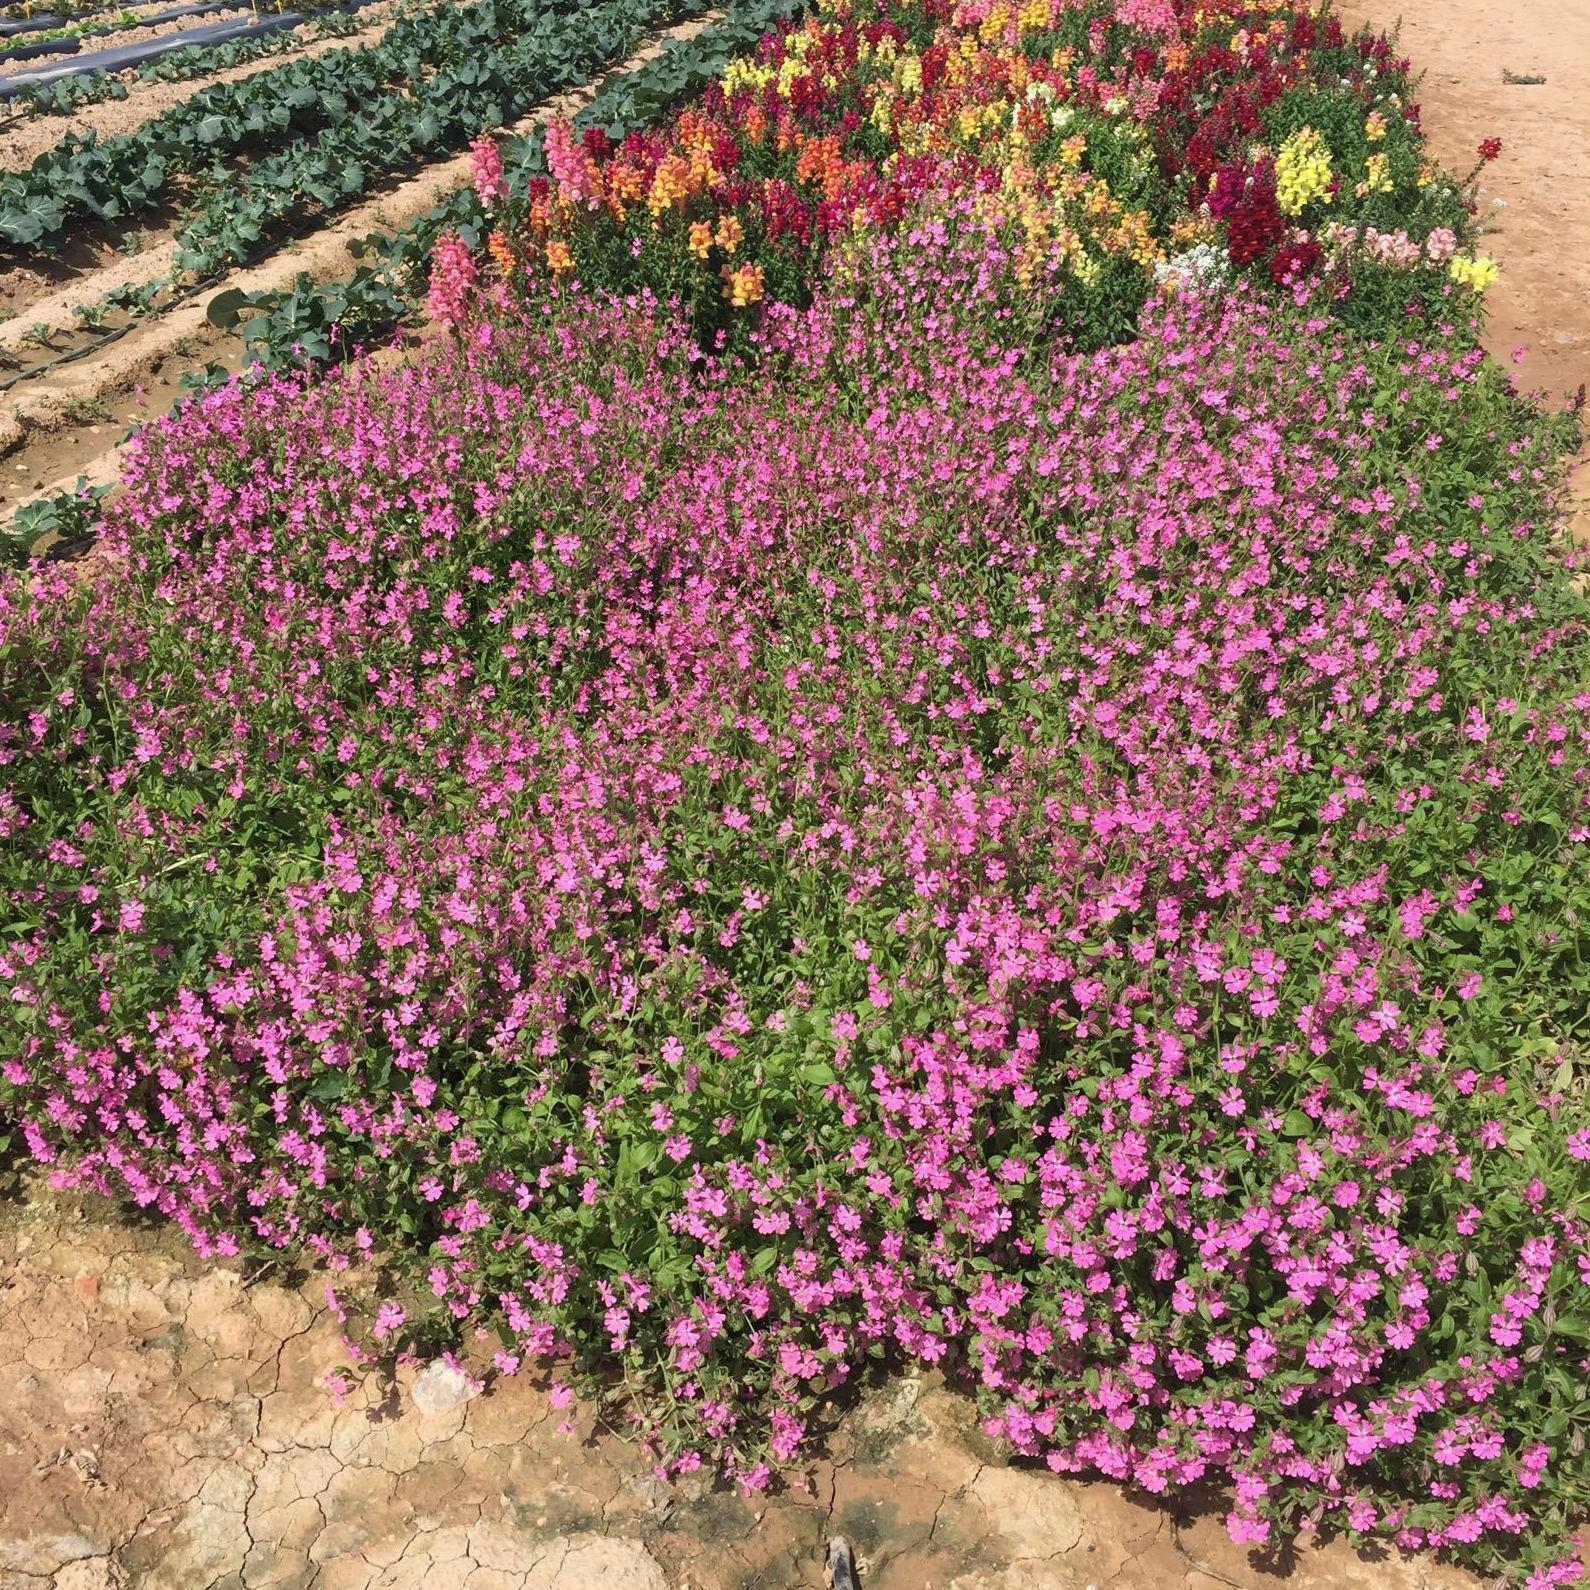 Venta de plantas vivas Segovia